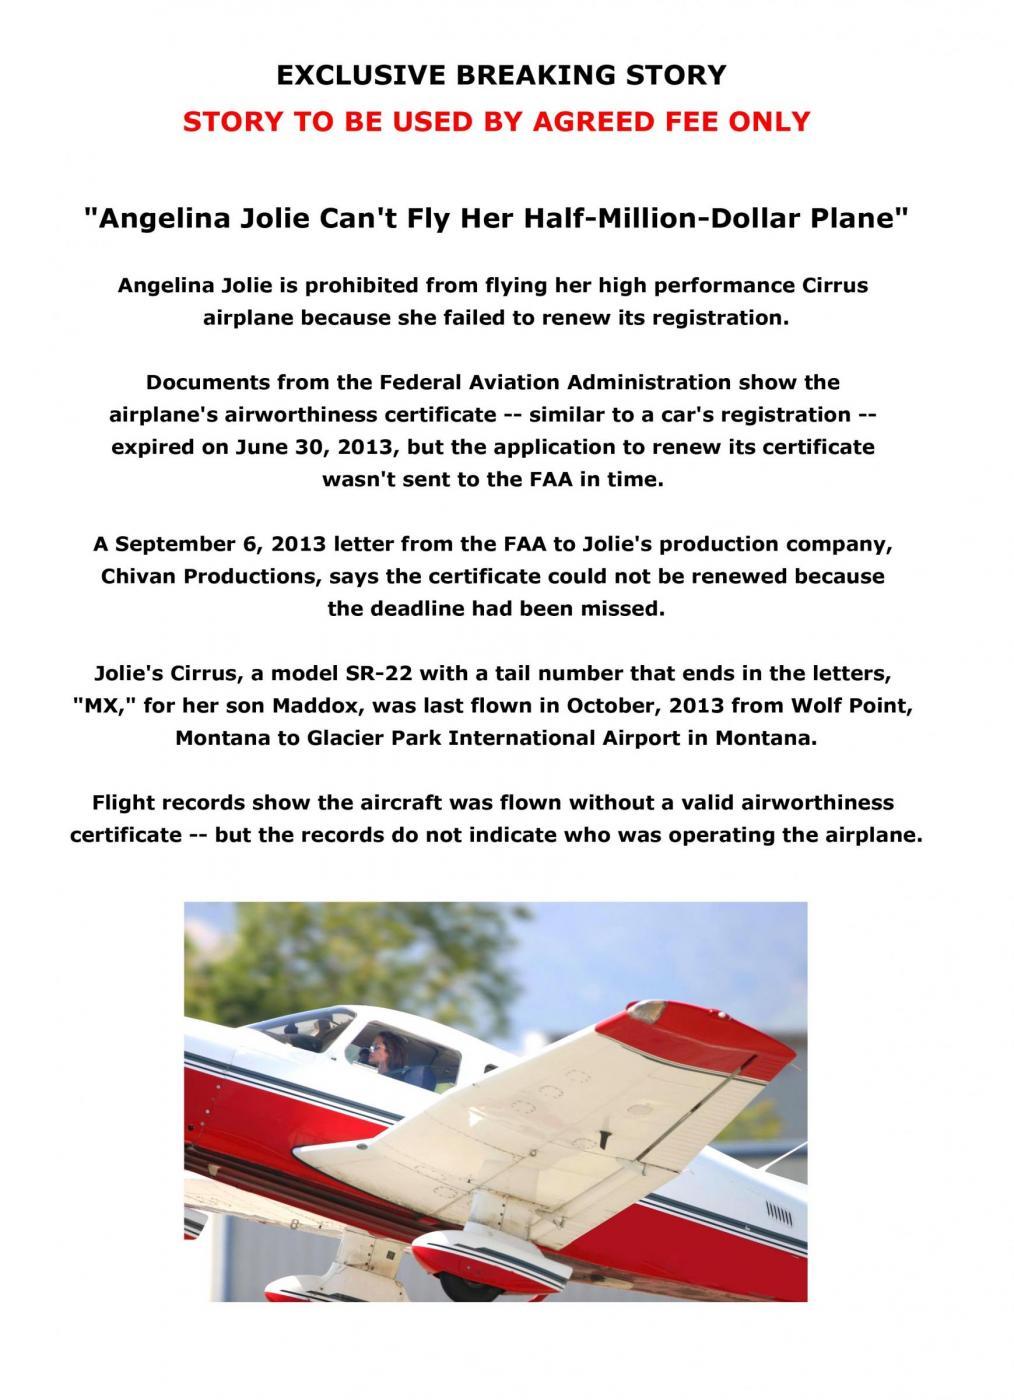 Angelina Jolie, licenza di volo revocata. Ma lei vola lo stesso 05